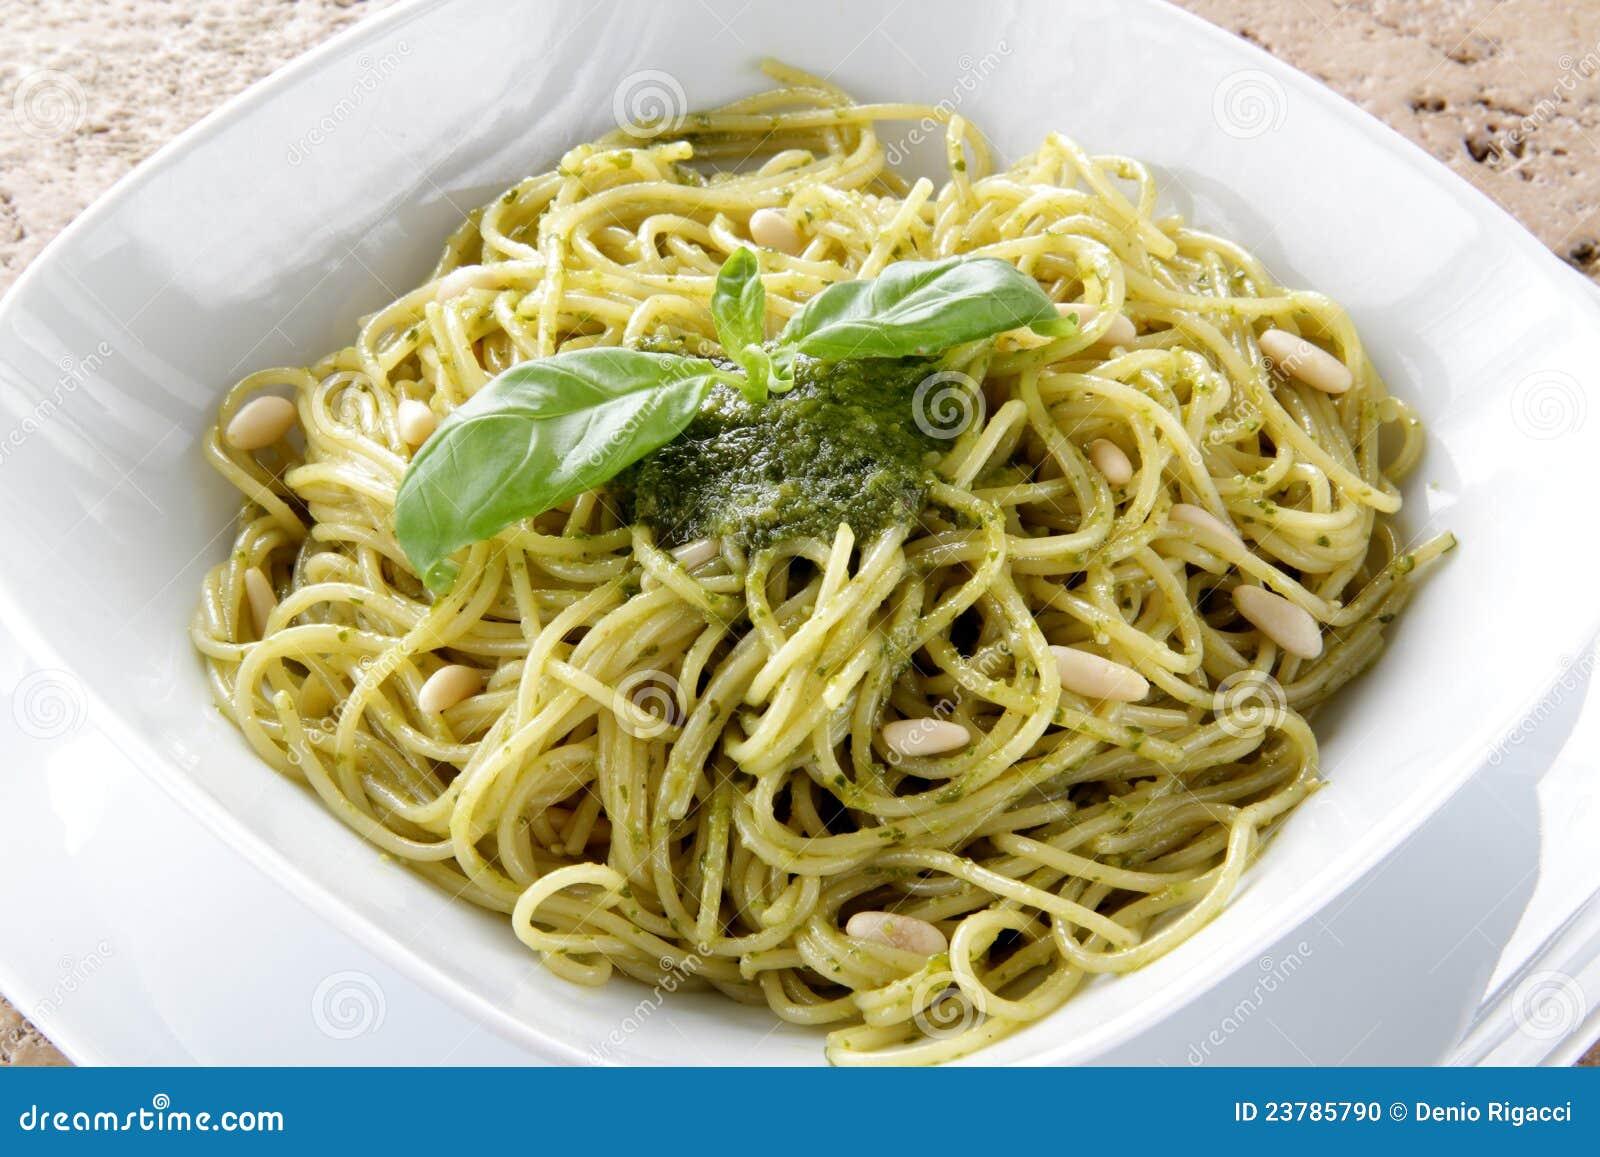 Spaghetti Whit Pesto Genovese Stock Photo - Image: 23785790